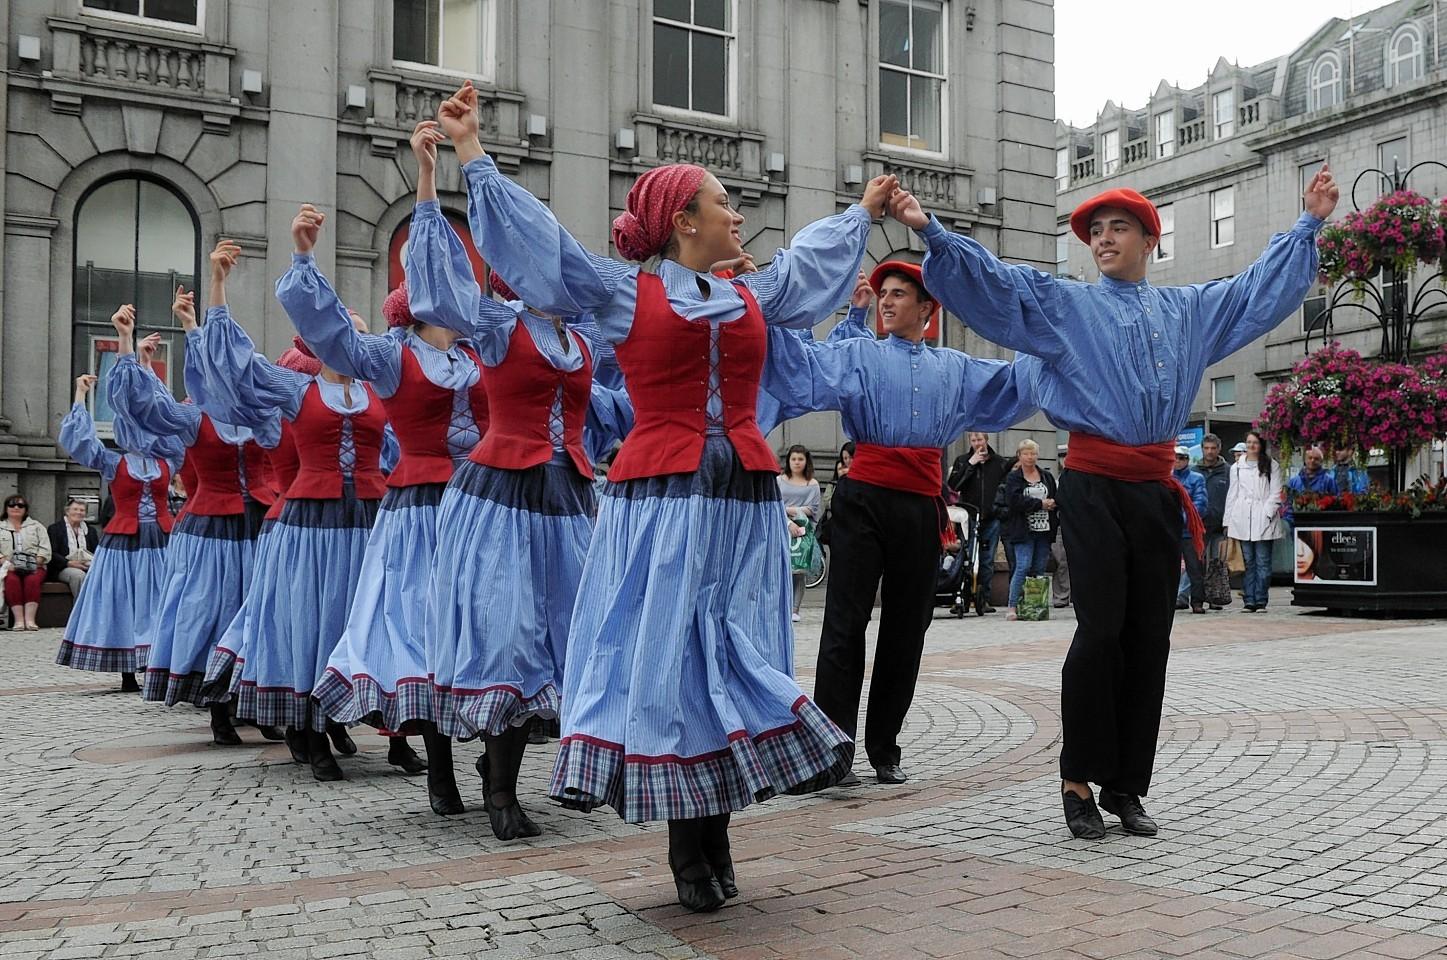 Aberdeen International Youth Festival. 'Kresala Basque Dance' perform.